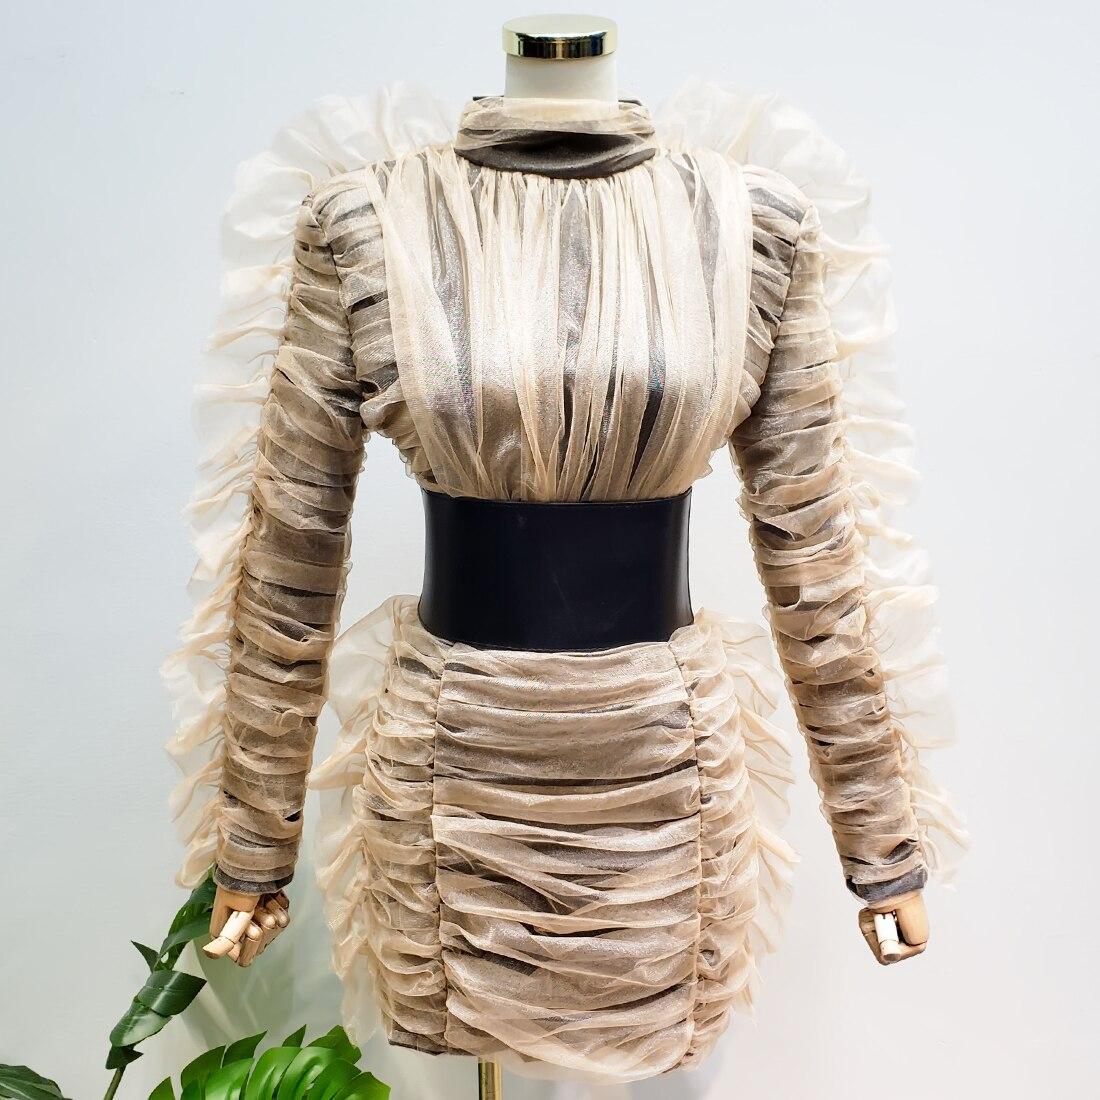 Robe moulante femmes automne et hiver panneau de maille dentelle lourde serré-ajustement à manches longues paquet robe de hanche robes dames Vestidos